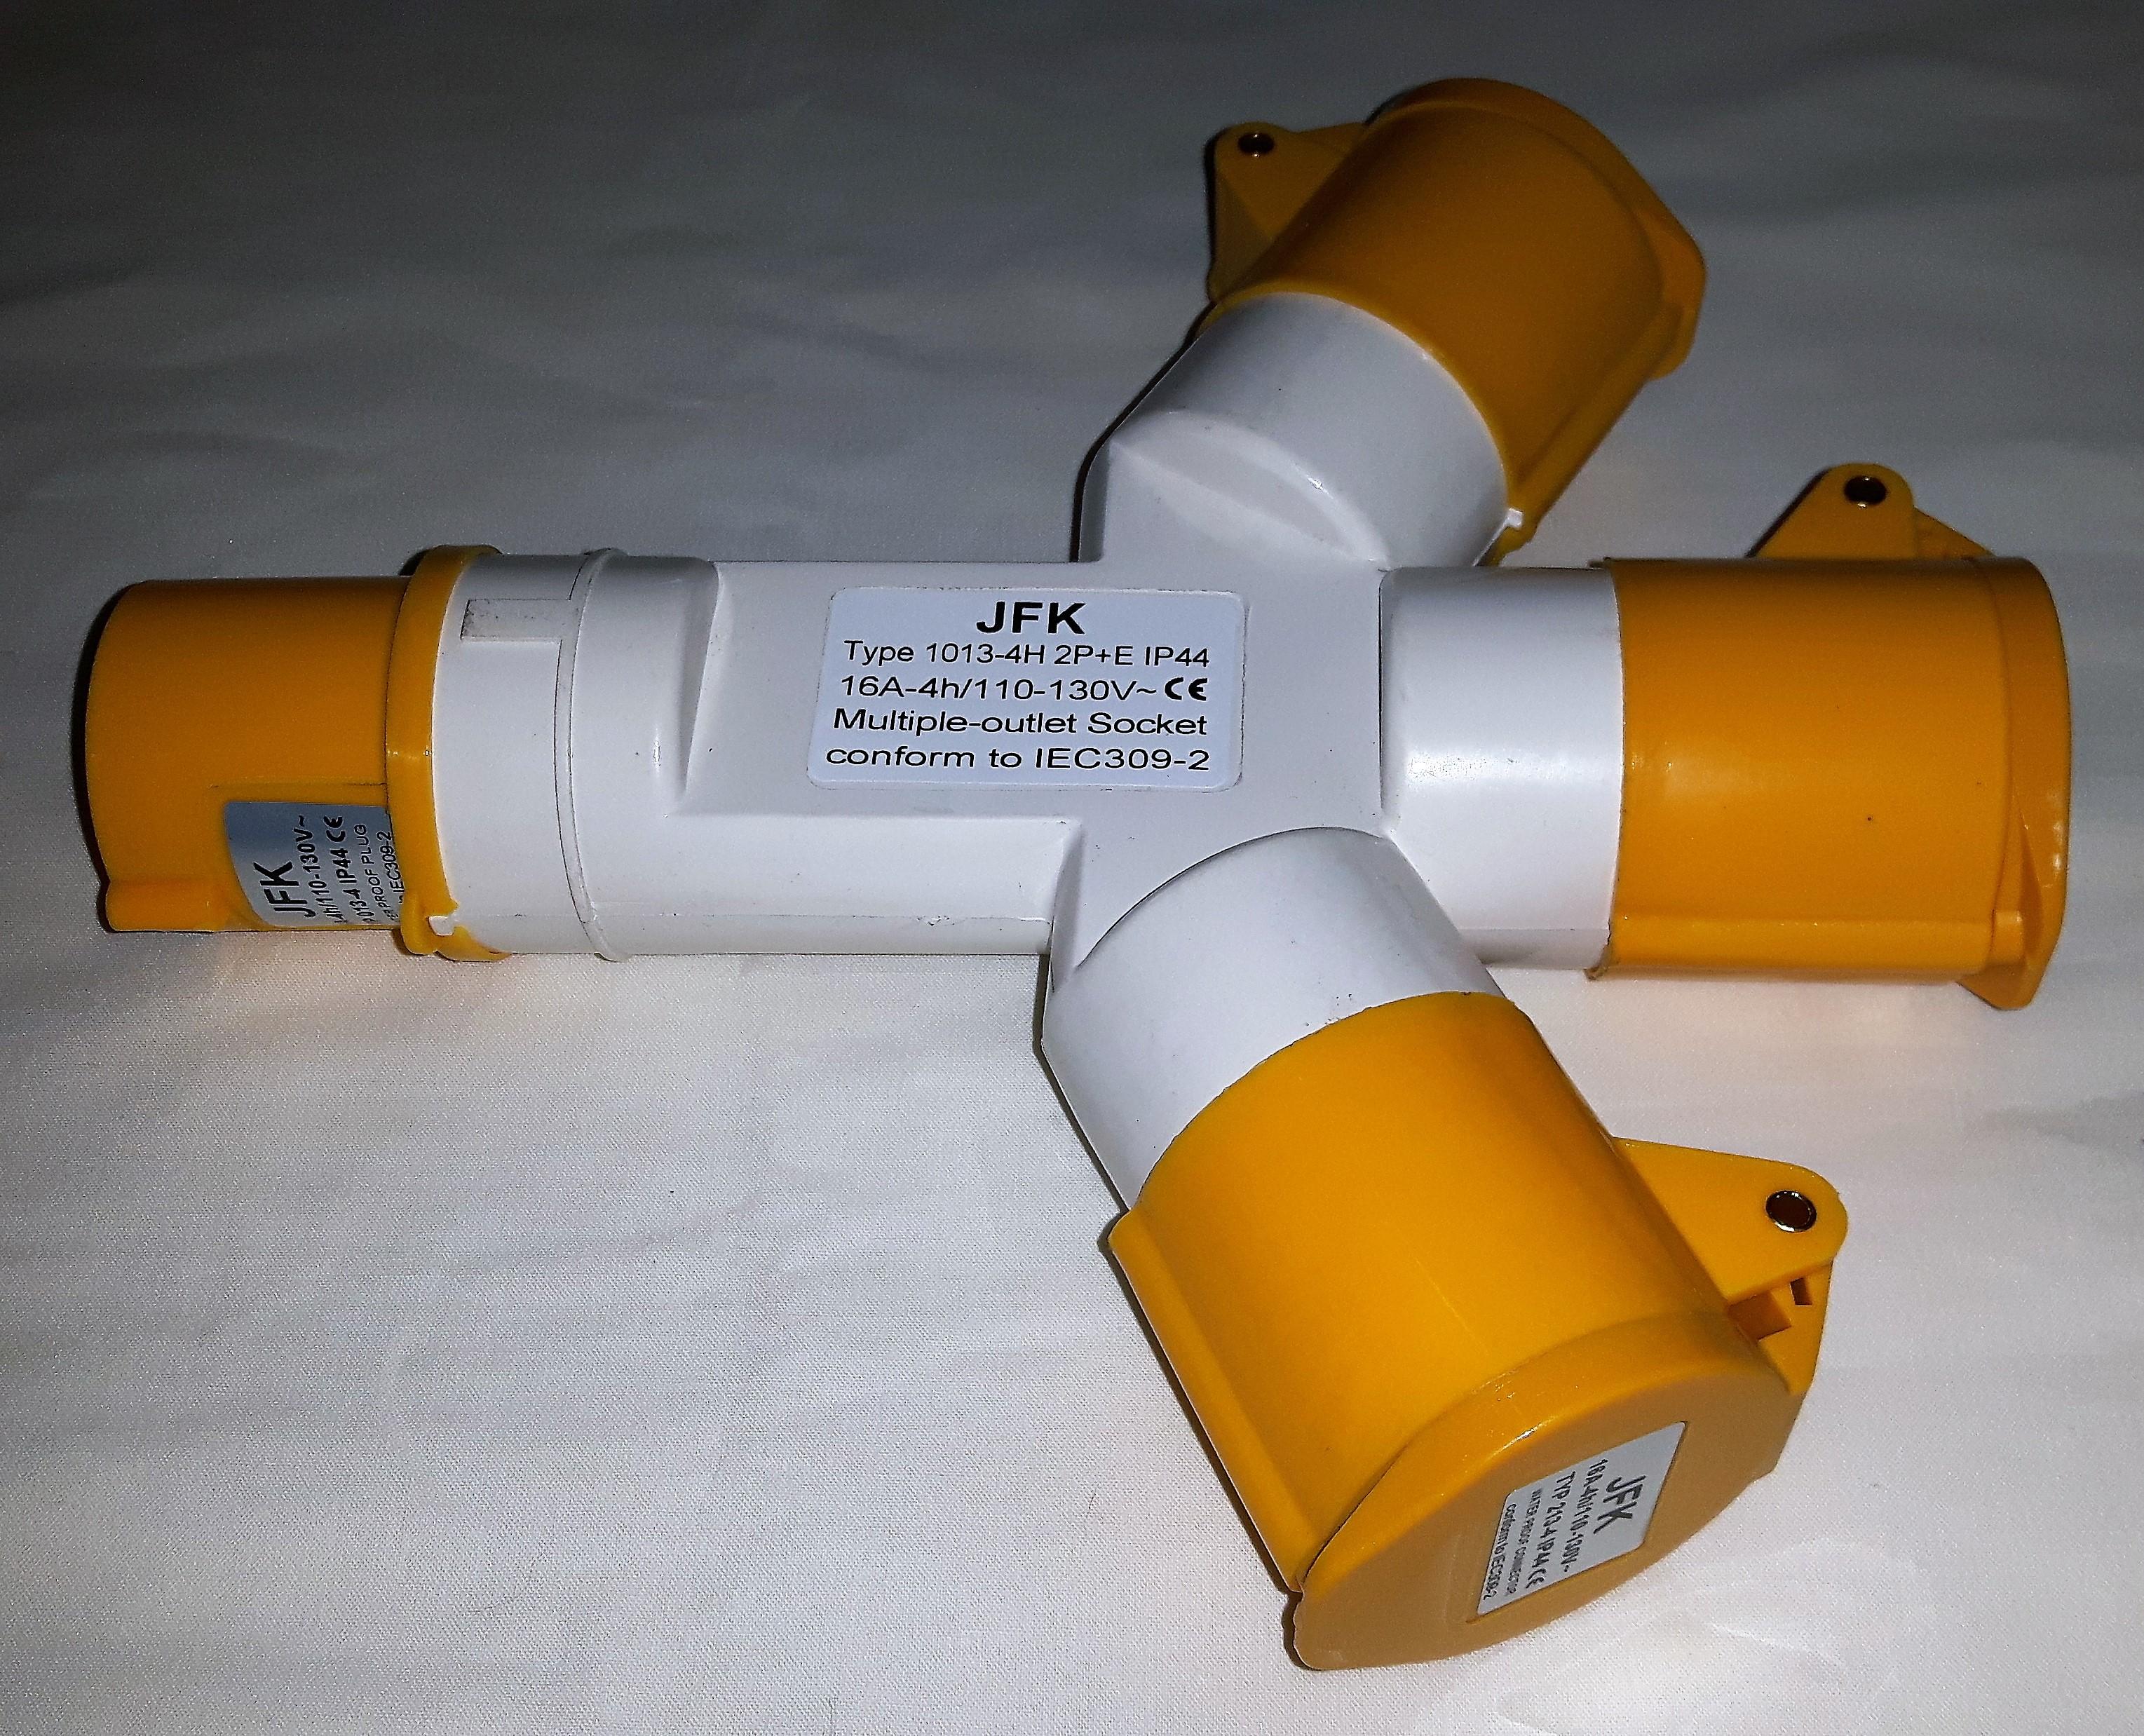 16 Amp 110 Volt Splitter